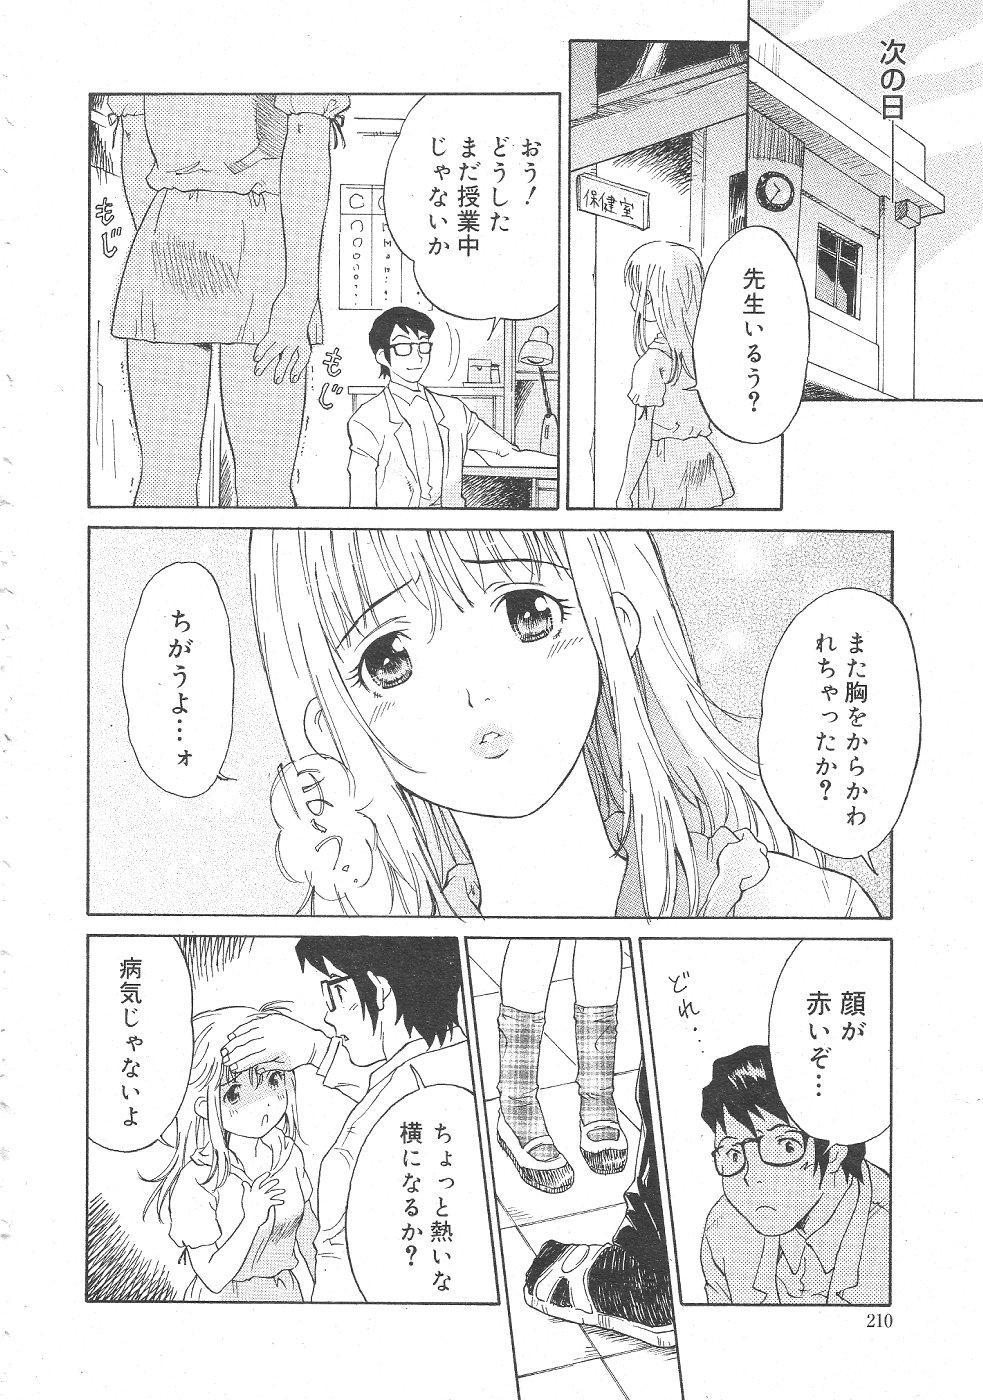 Gekkan Comic Muga 2004-06 Vol.10 213